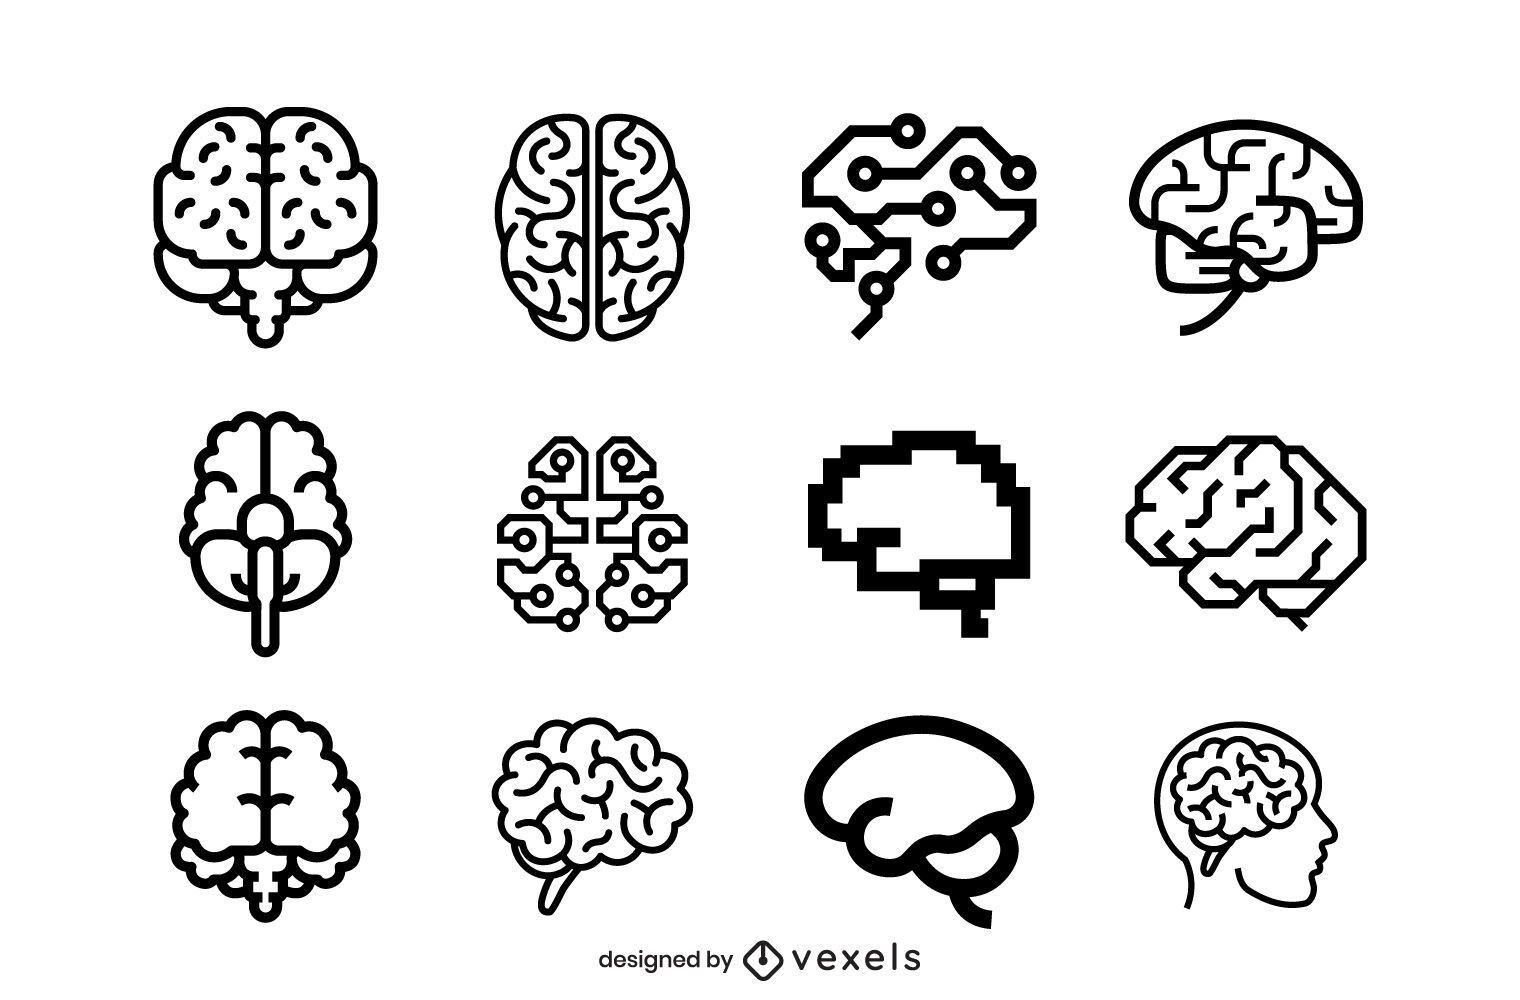 Conjunto de trazos de iconos de cerebro